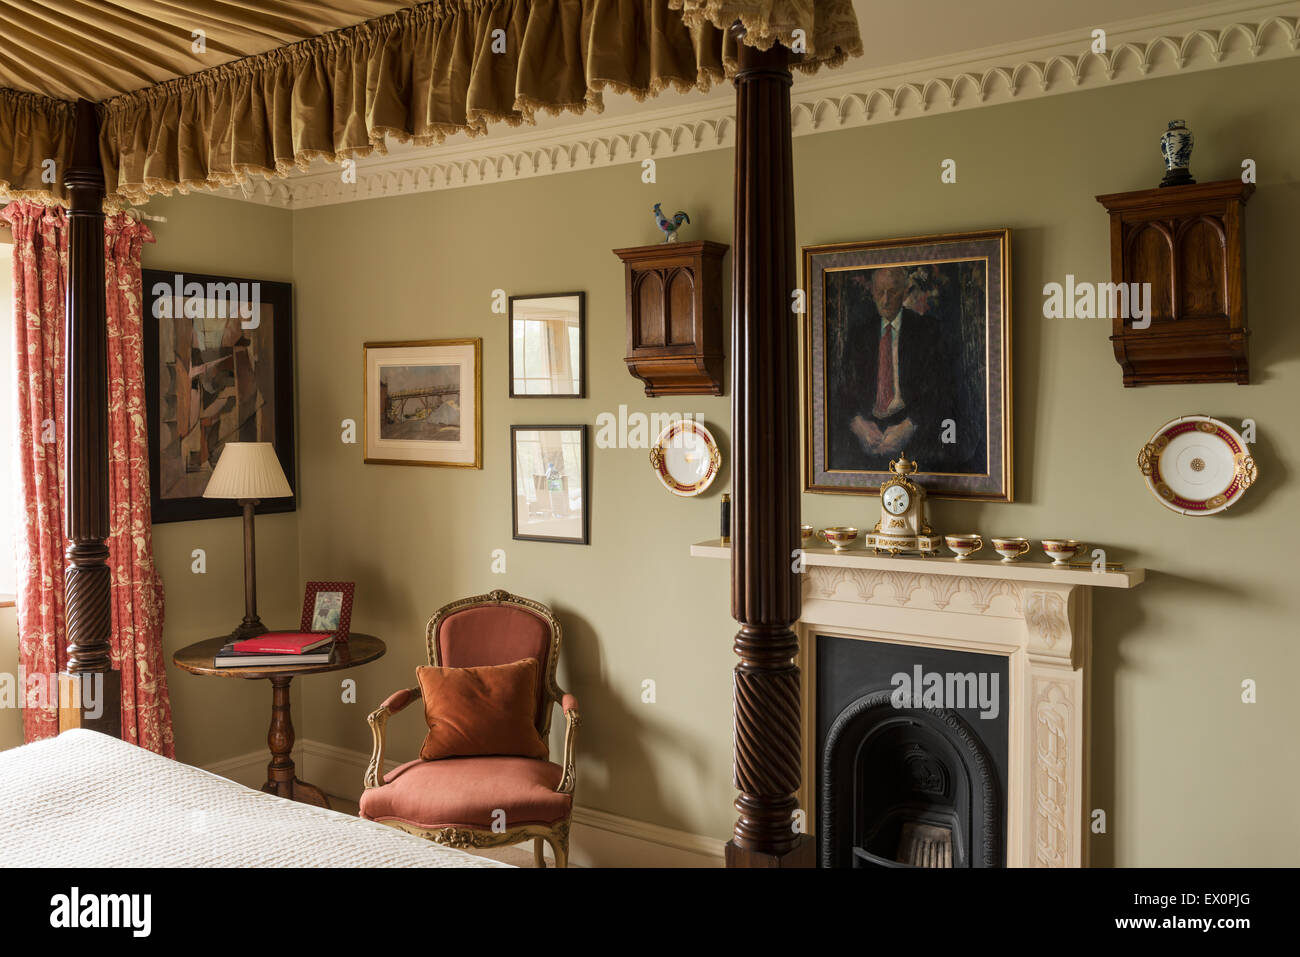 Louis xv style stock photos & louis xv style stock images alamy